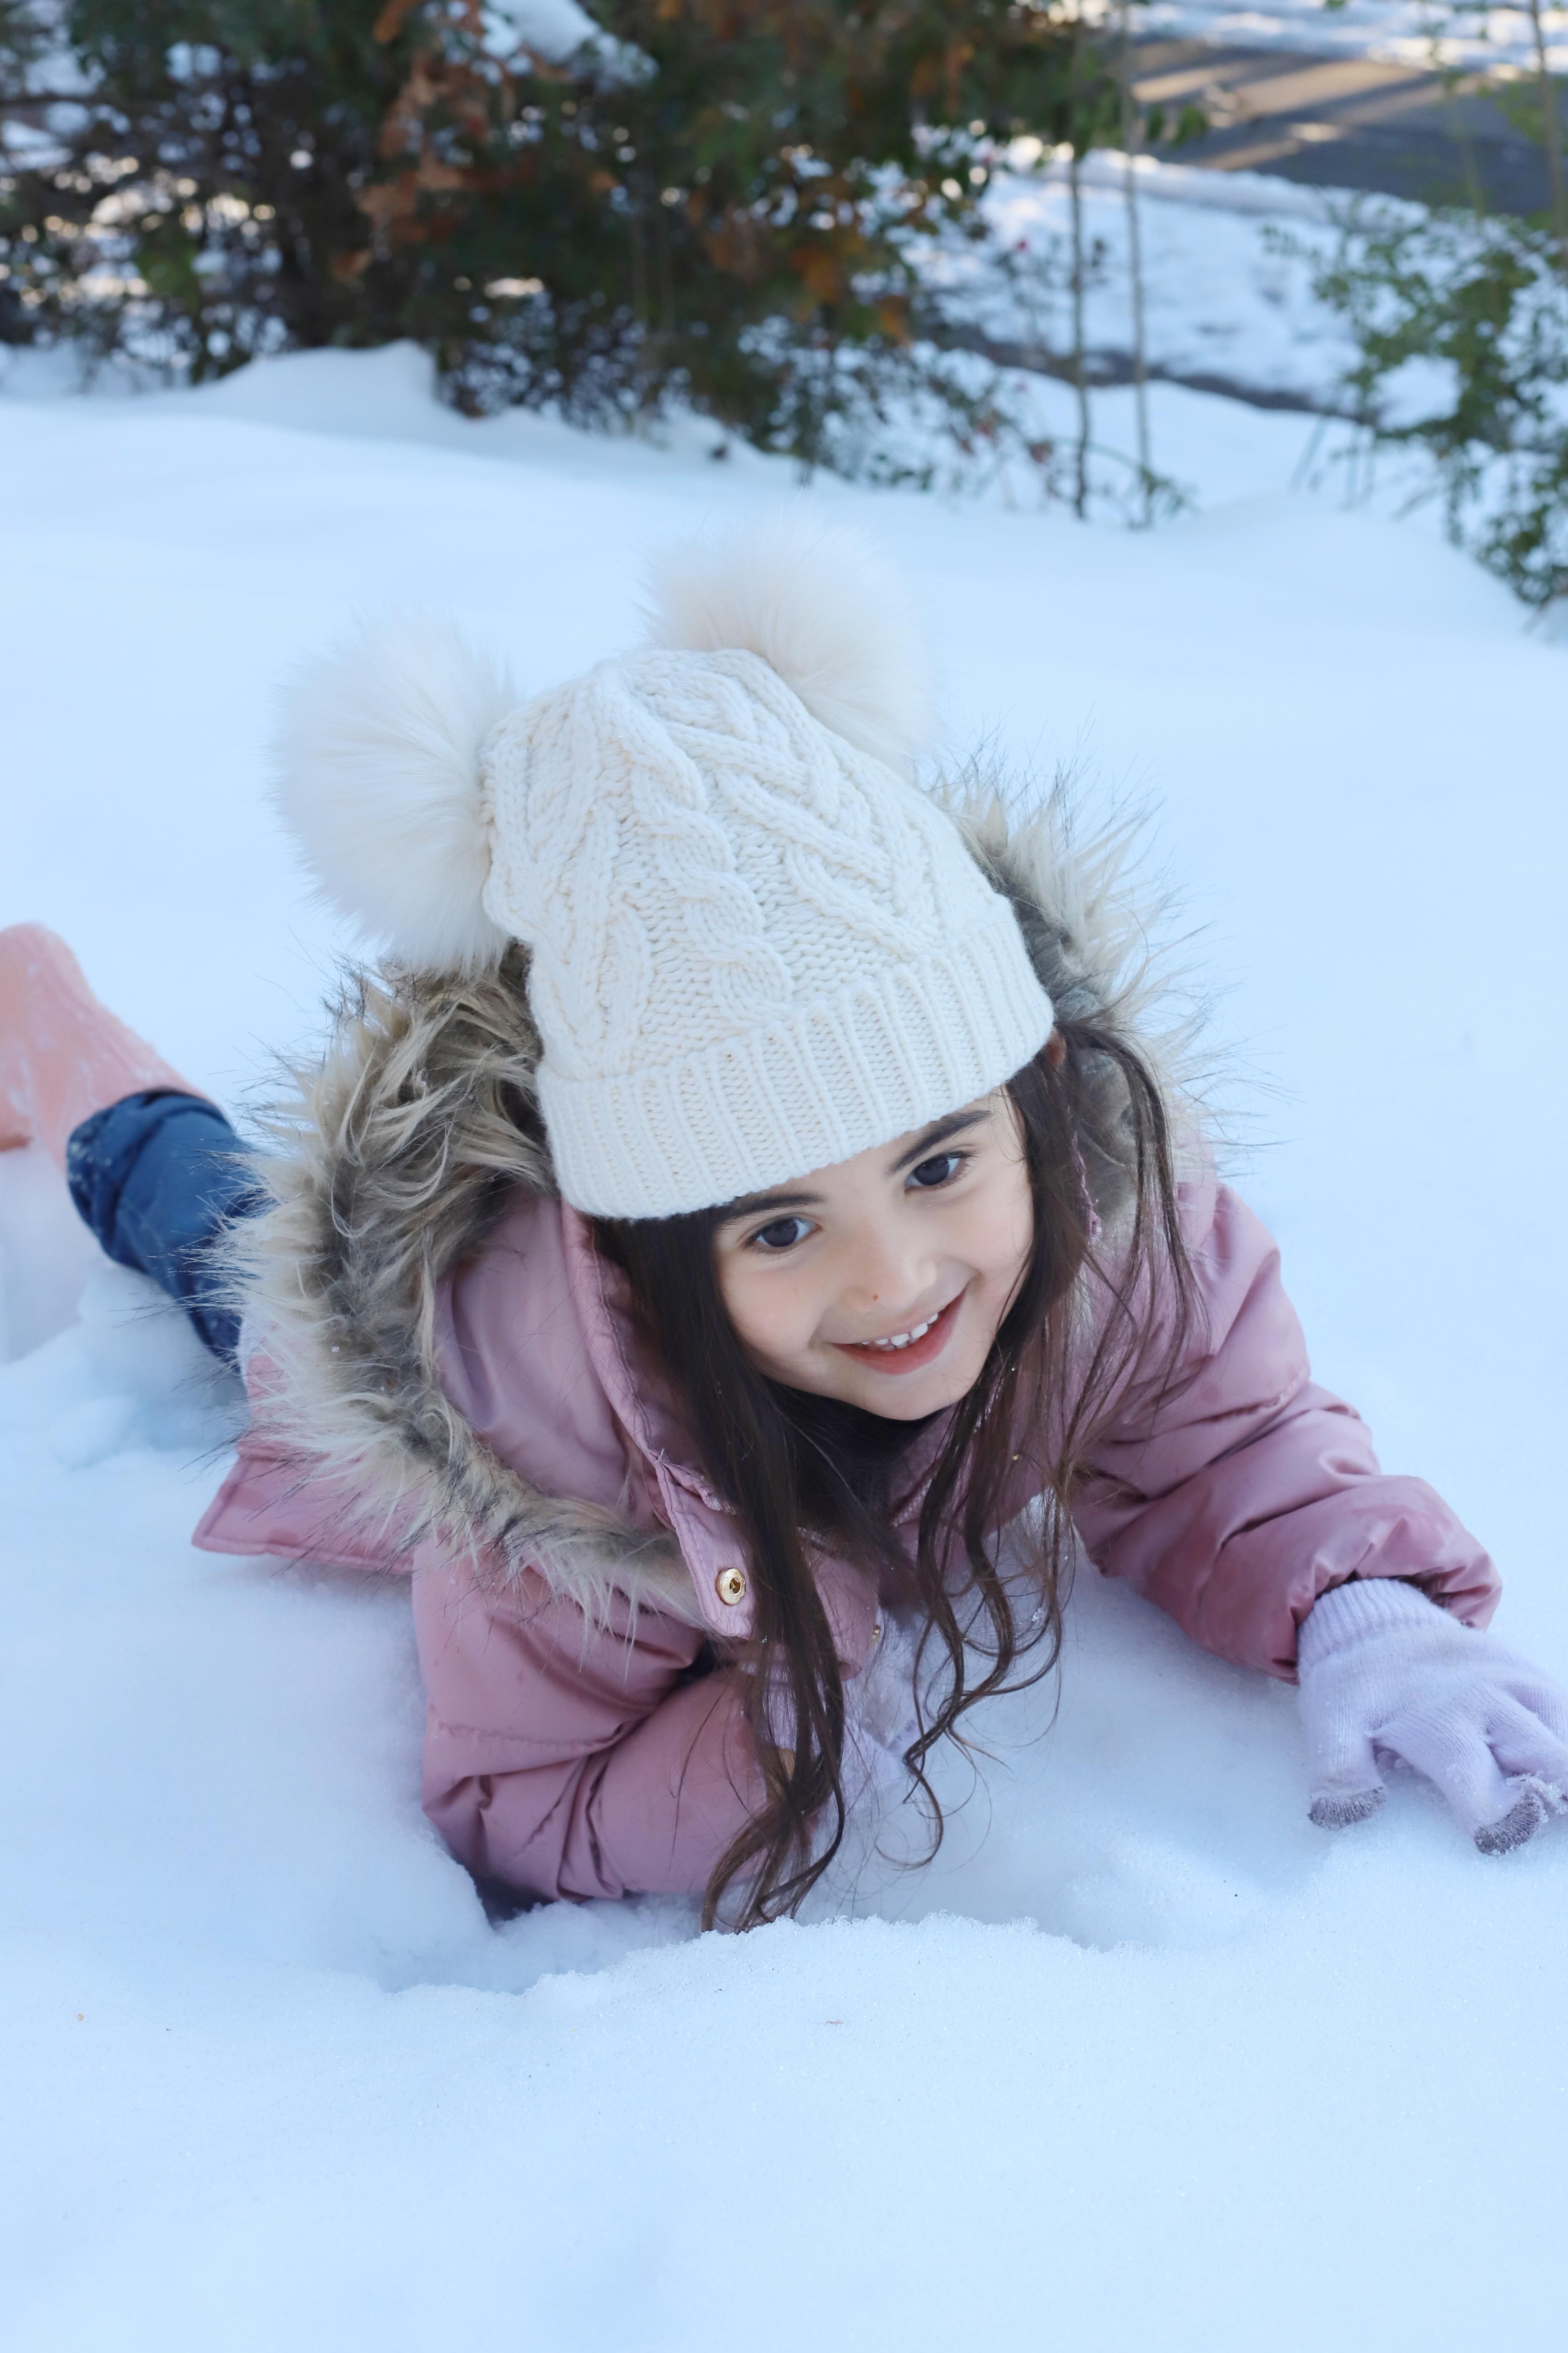 #snowpaint #snowday #snowactivities #snowfun #howtopaintsnow #snowspraypaint | glitterinc.com | @glitterinc